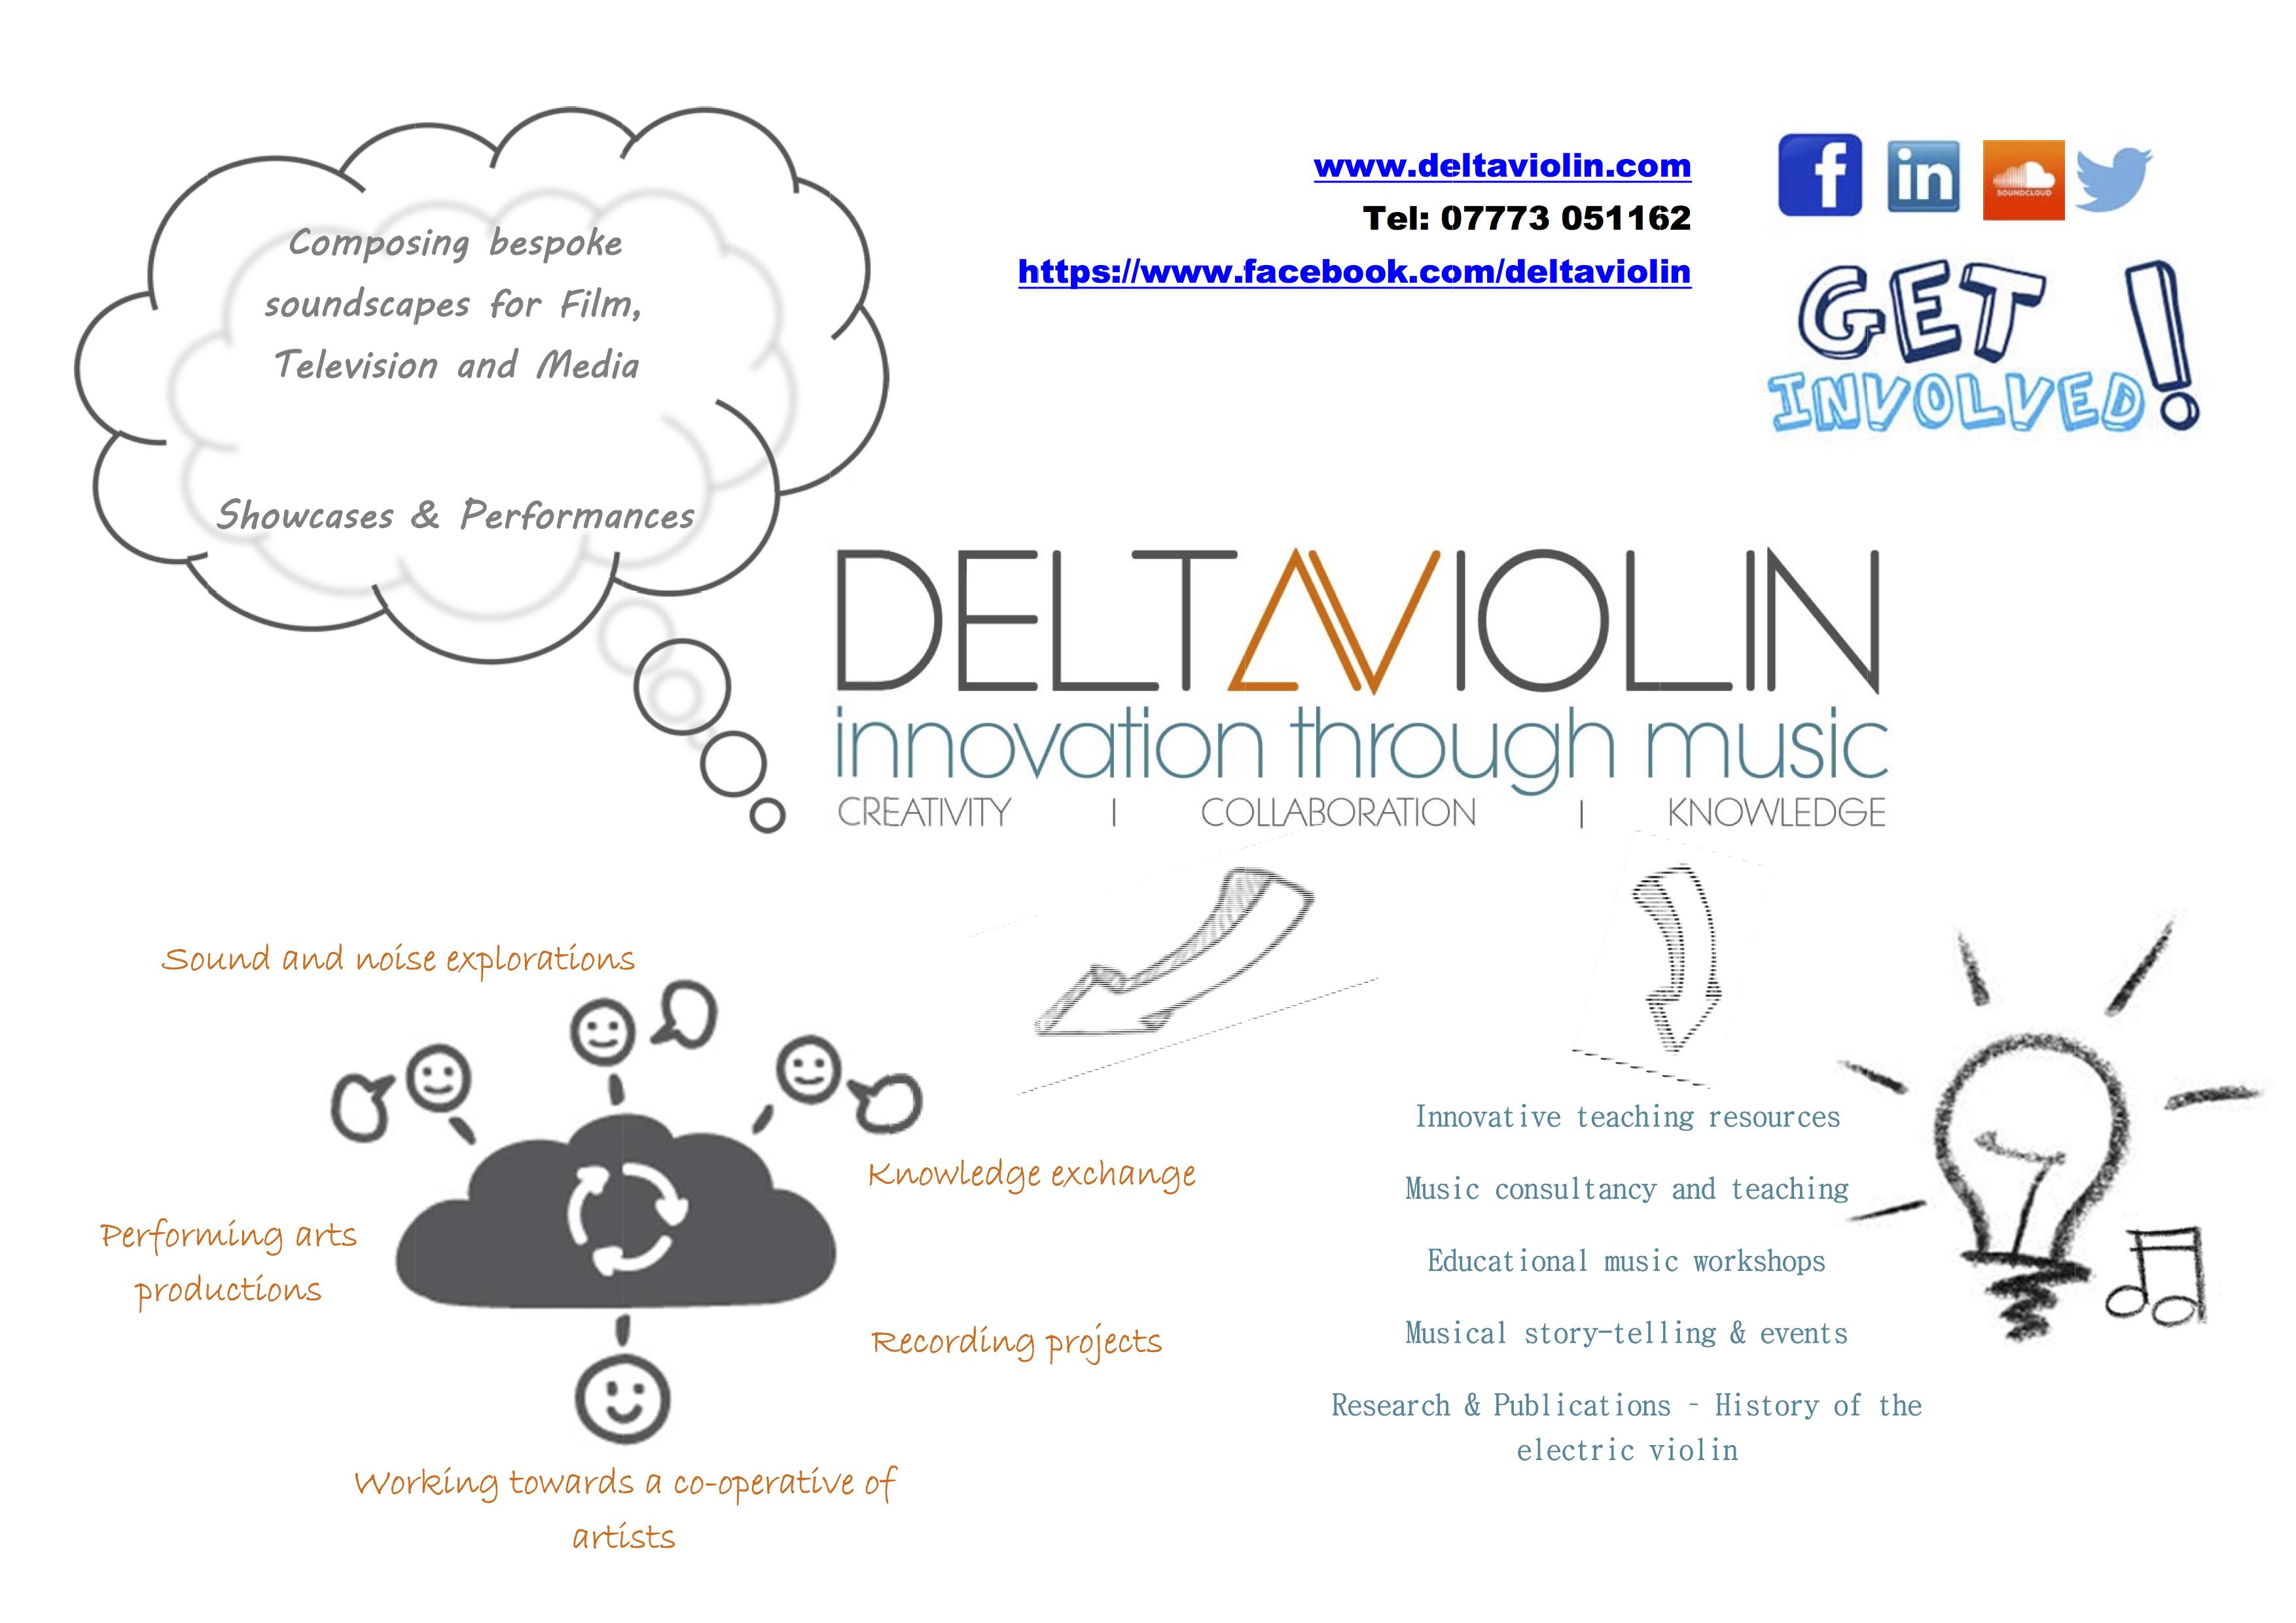 Deltaviolin launch flyer_May 2015